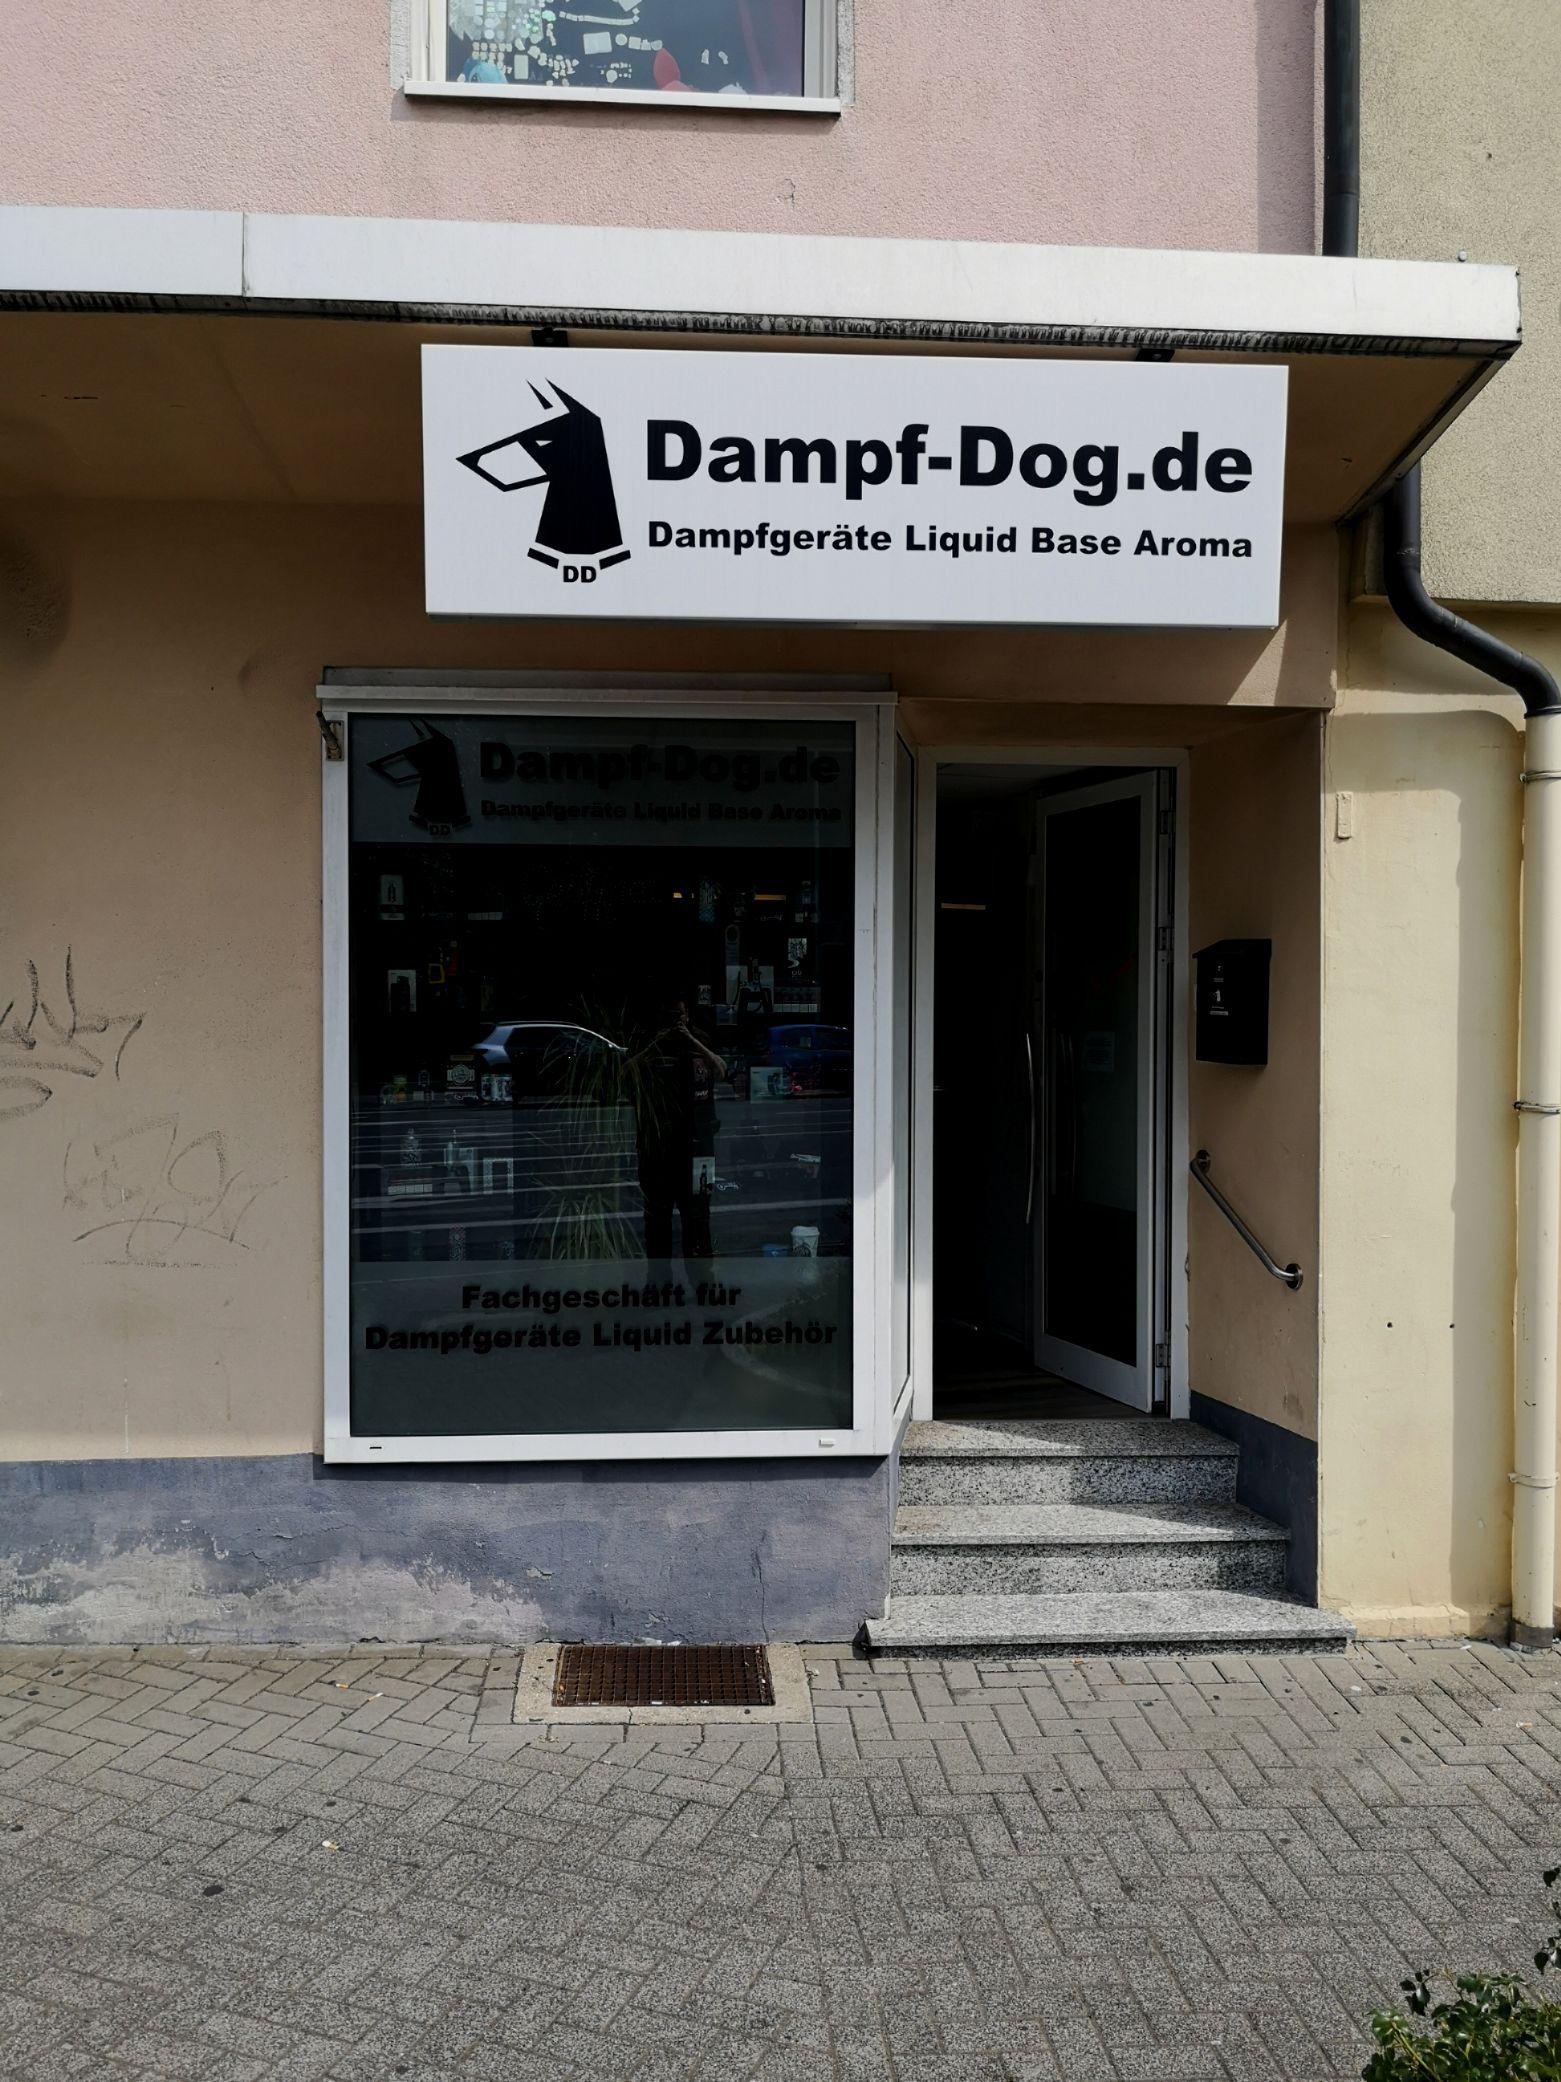 www.dampf-dog.de